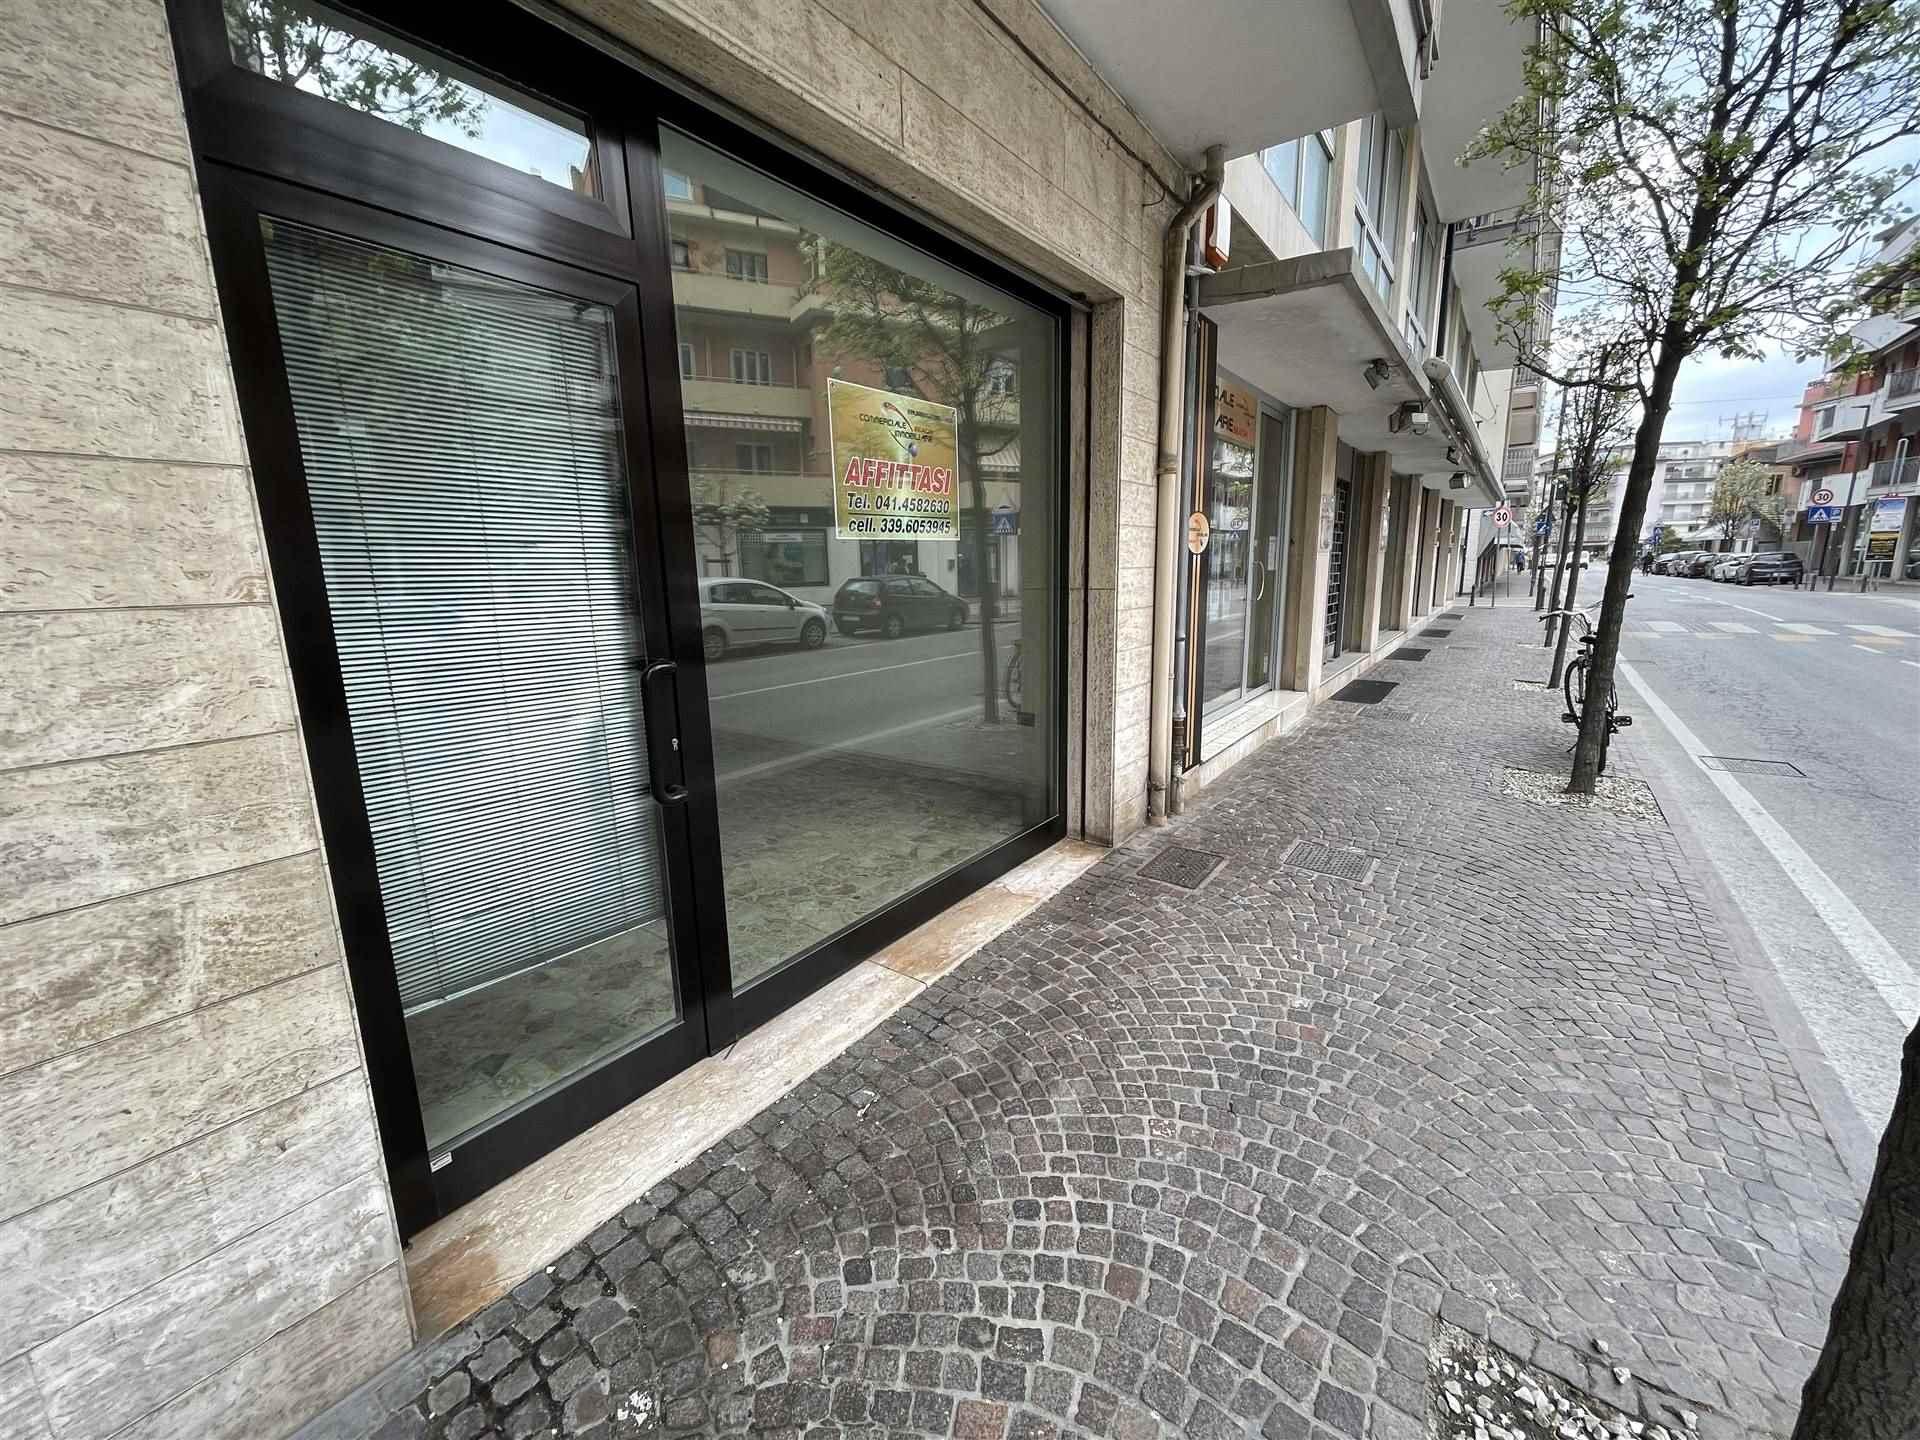 Rif. B284 SOTTOMARINA - Affittasi negozio di 40 mq. con vetrina a Sottomarina in posizione centralissima e di forte passaggio, composto da due stanze